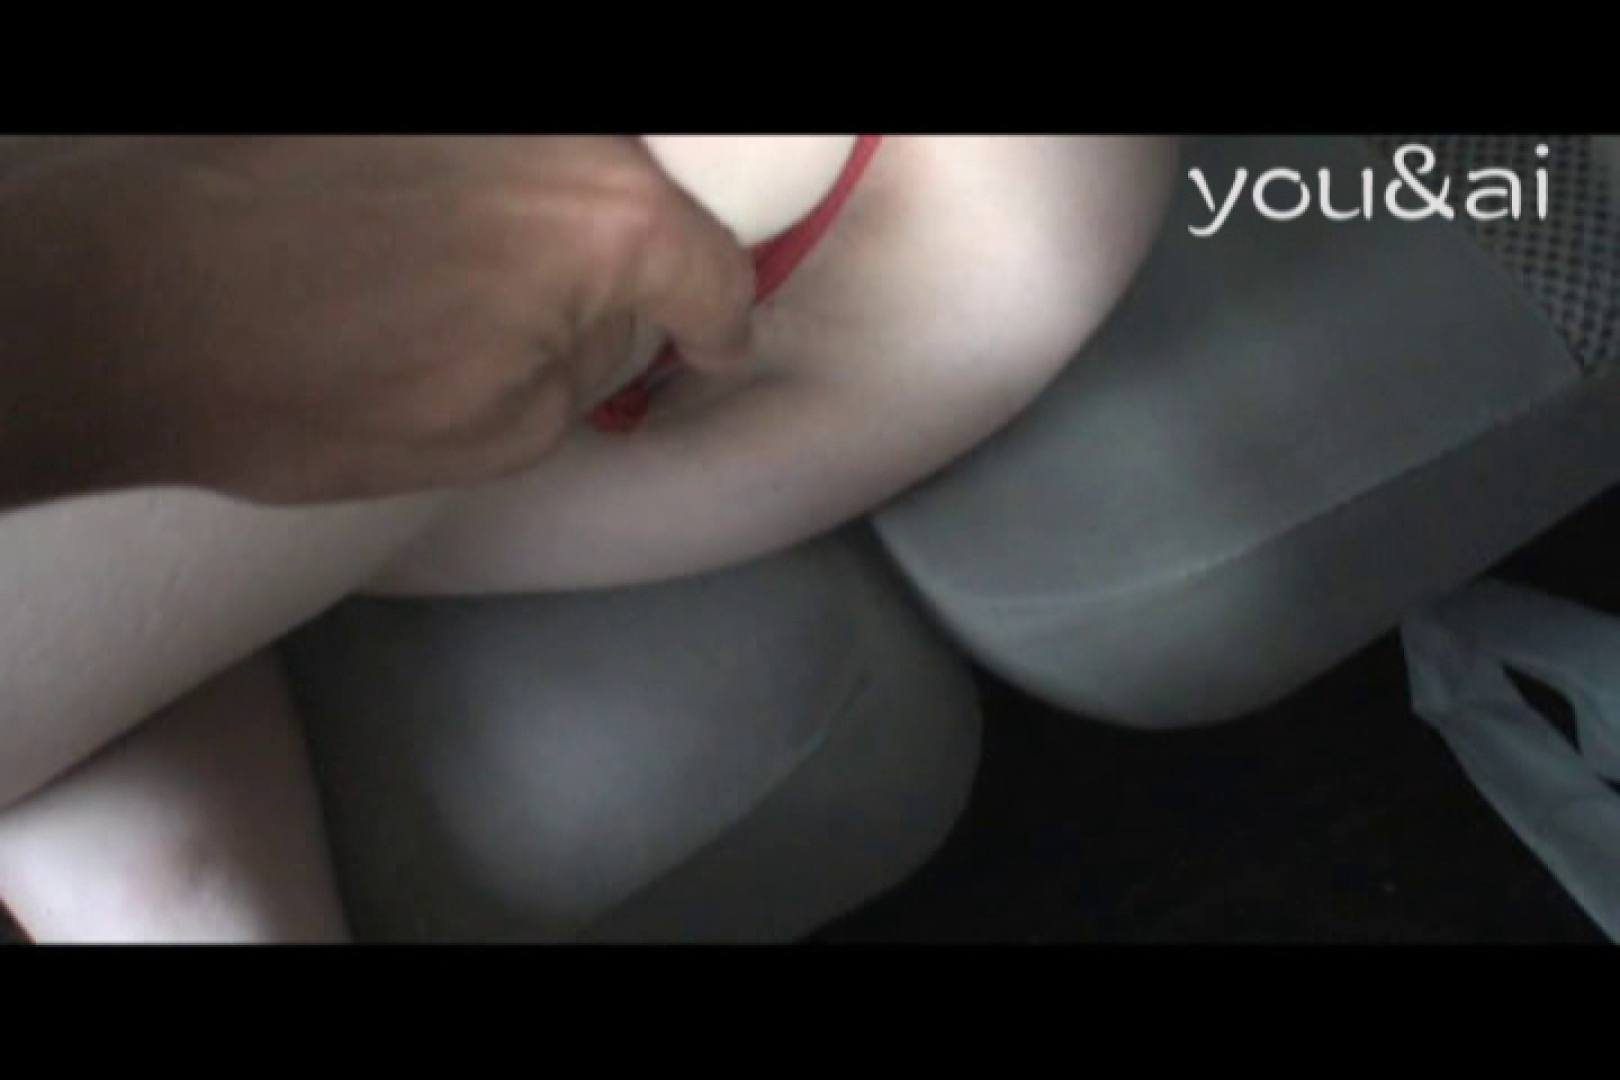 おしどり夫婦のyou&aiさん投稿作品vol.4 綺麗なOLたち ワレメ動画紹介 104枚 16